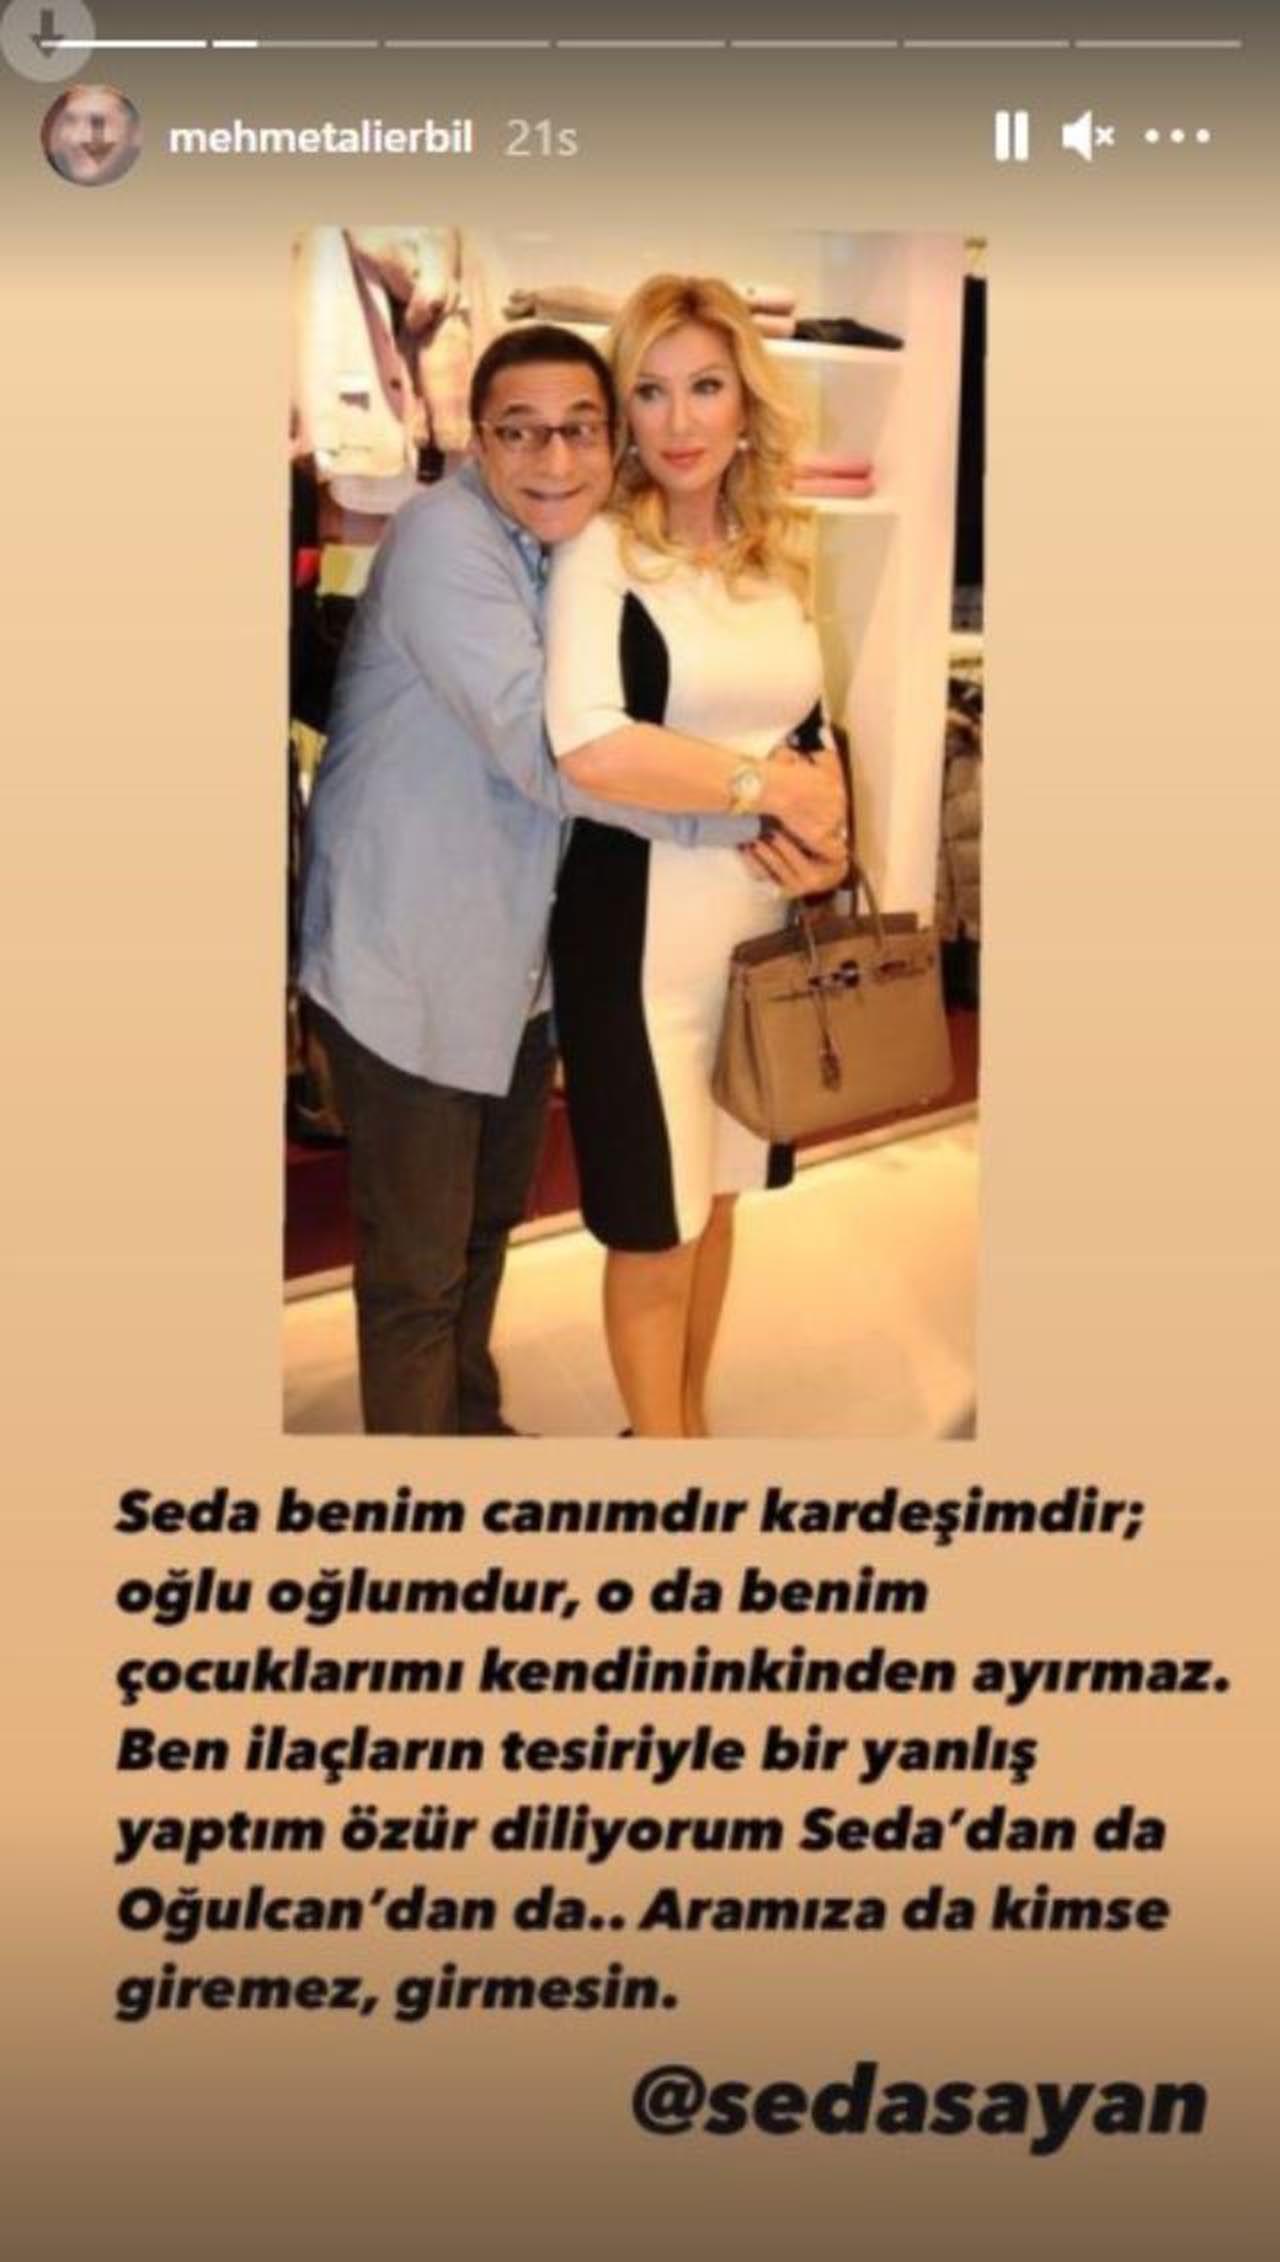 Mehmet Ali Erbil'i tecavüzle suçlayan Seda Sayan geri adım attı - Resim: 2